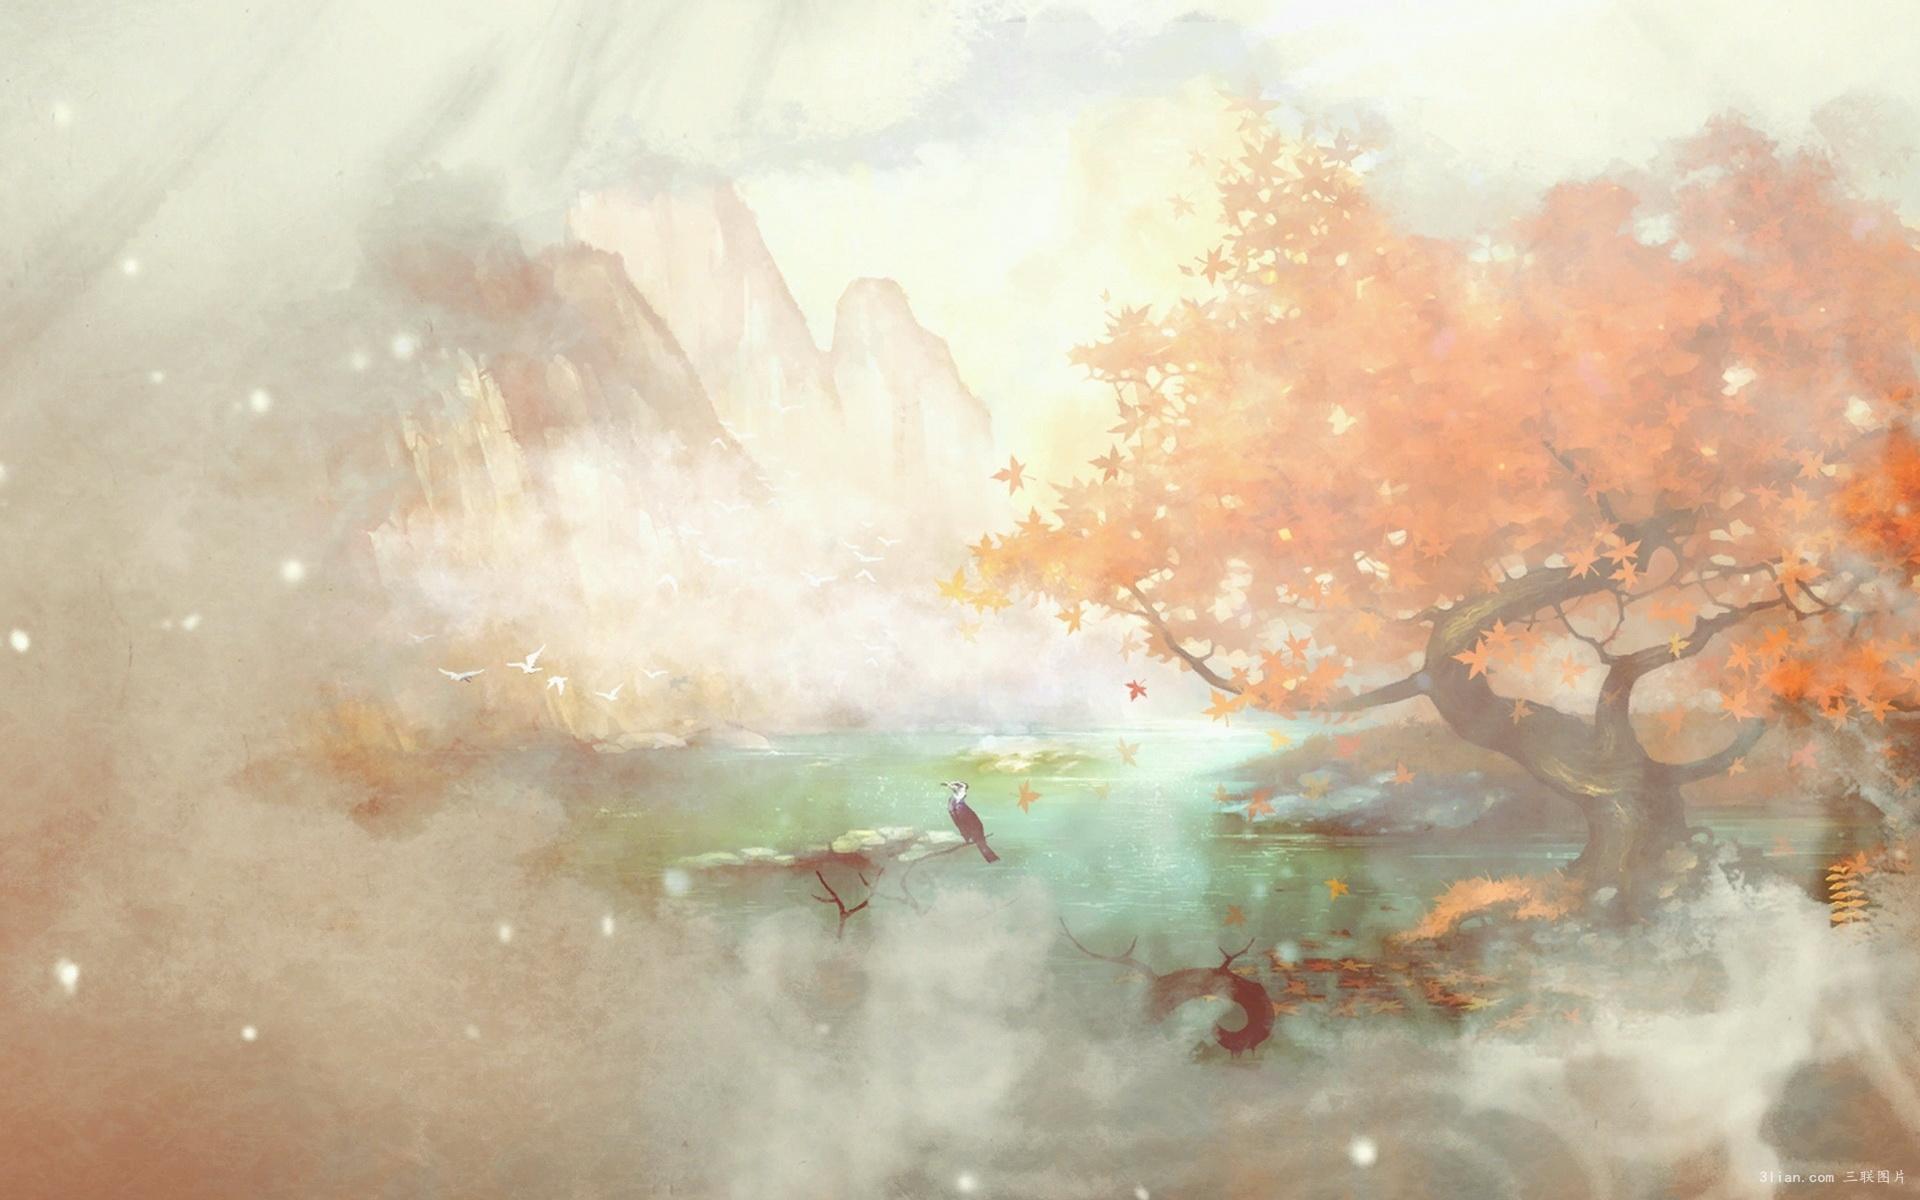 Hình ảnh anime cổ trang khung cảnh suối nước nóng thơ mộng